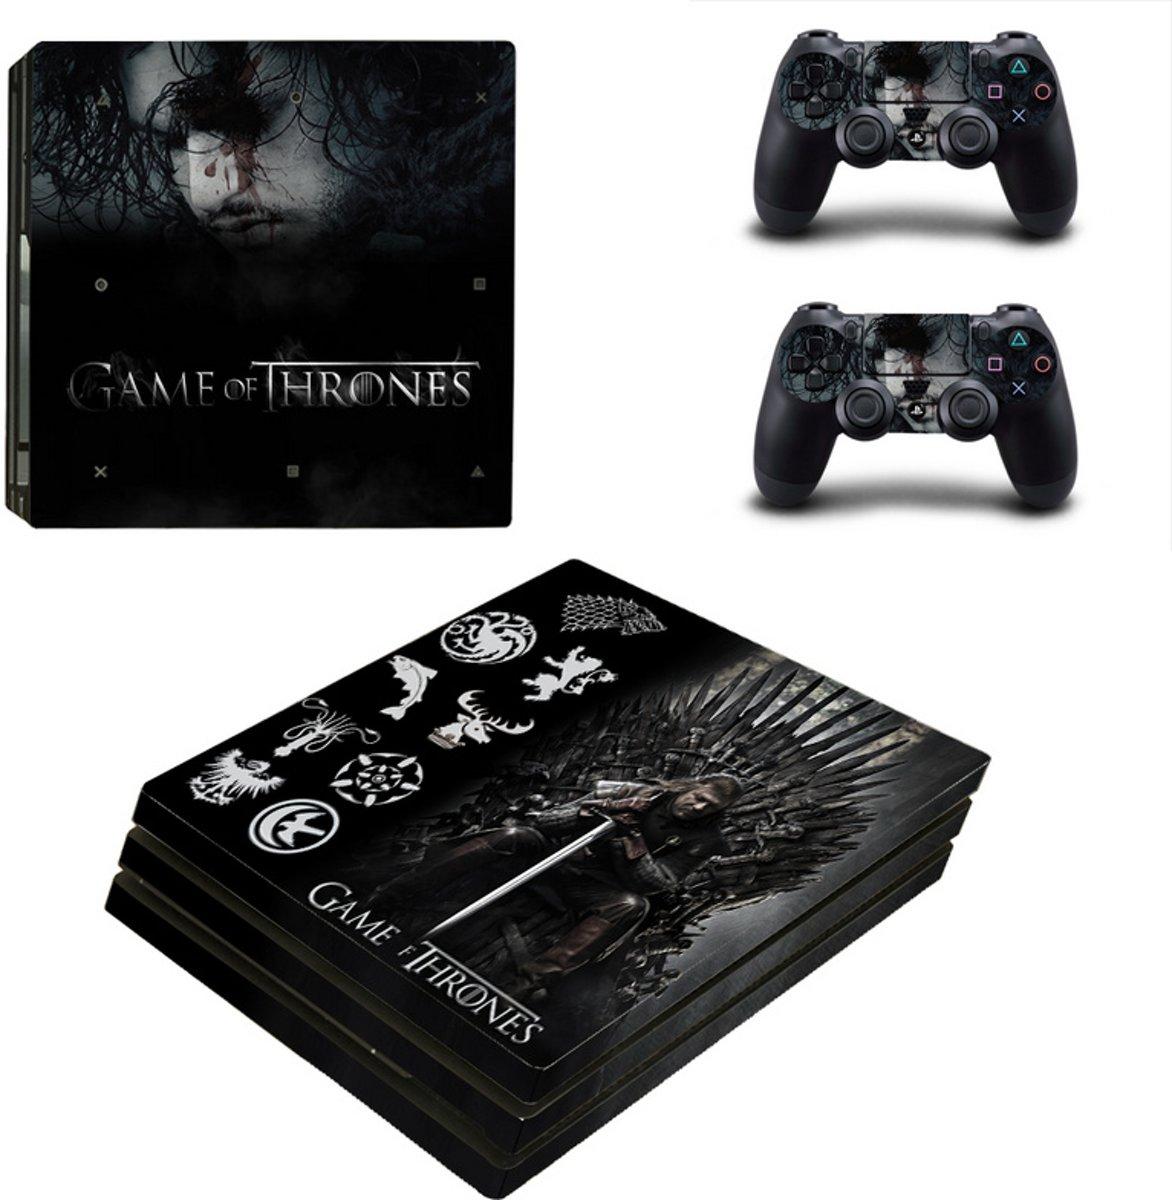 Game of Thrones Skin Sticker - Playstation 4 Slim kopen